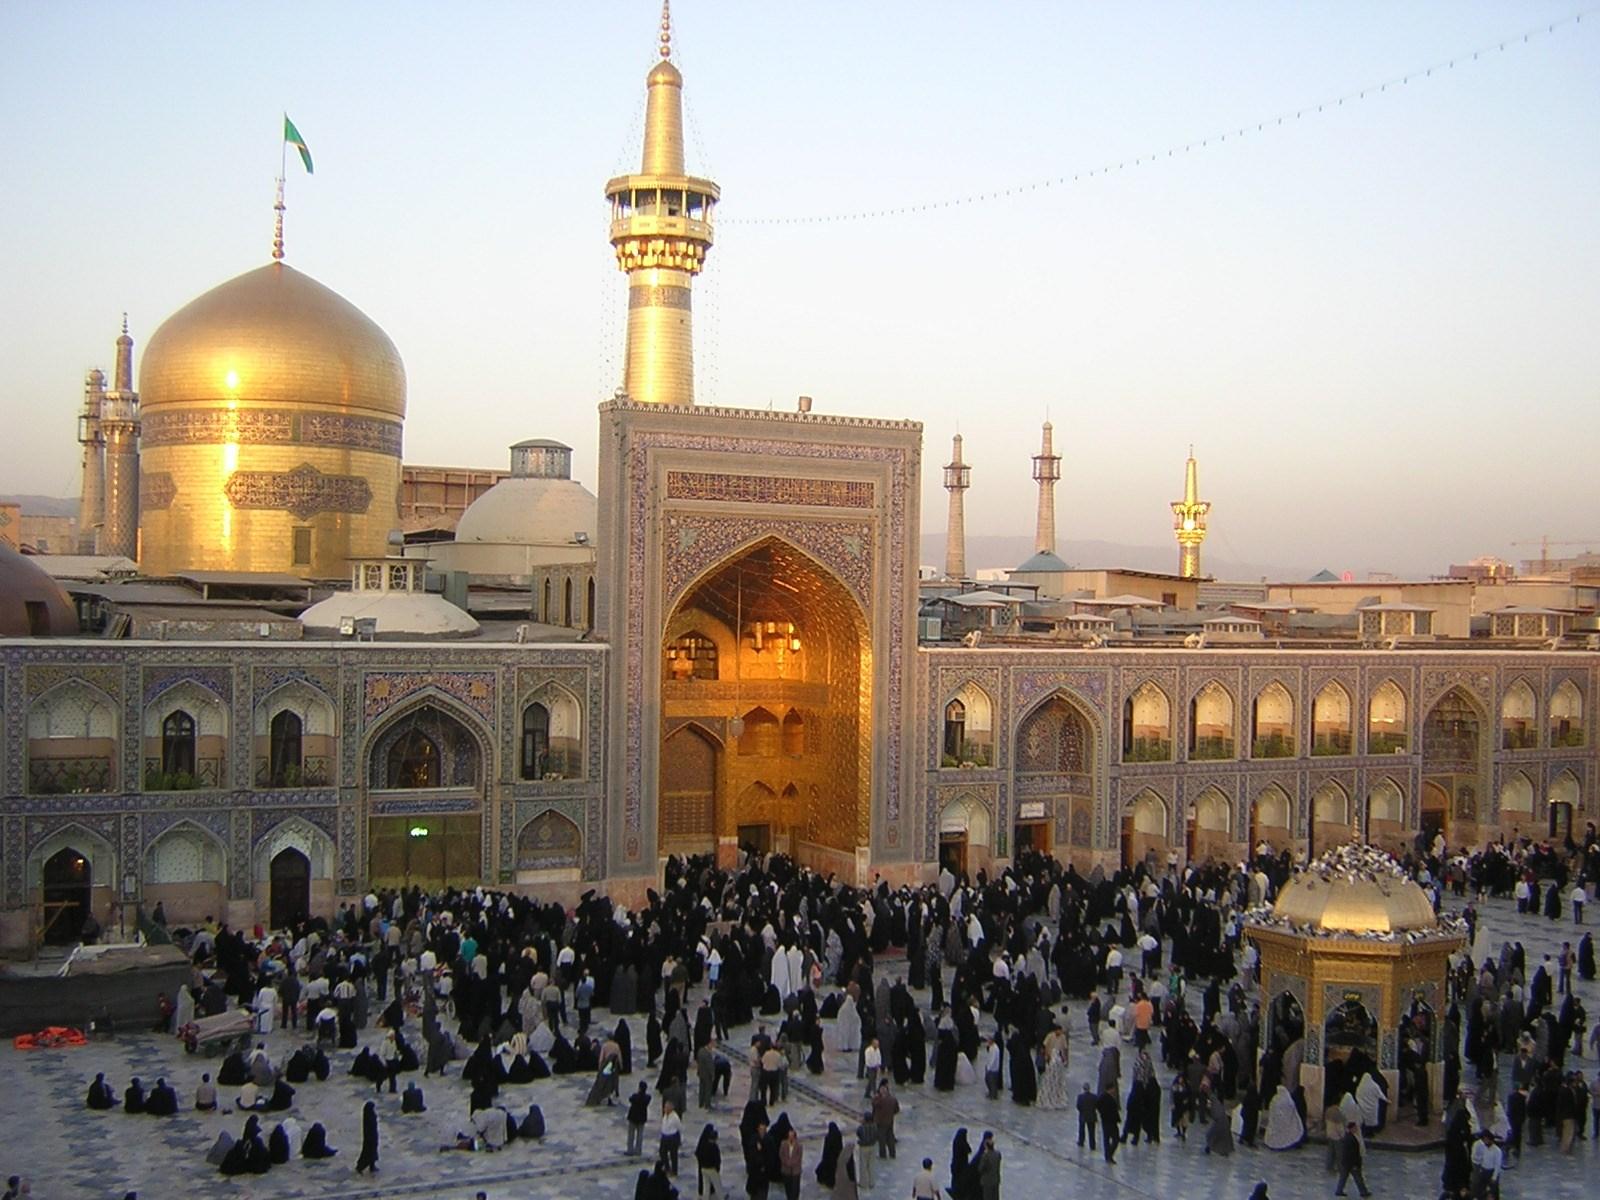 مسافرخانه قدس فرد در مشهد| مشهدسرا - 1007